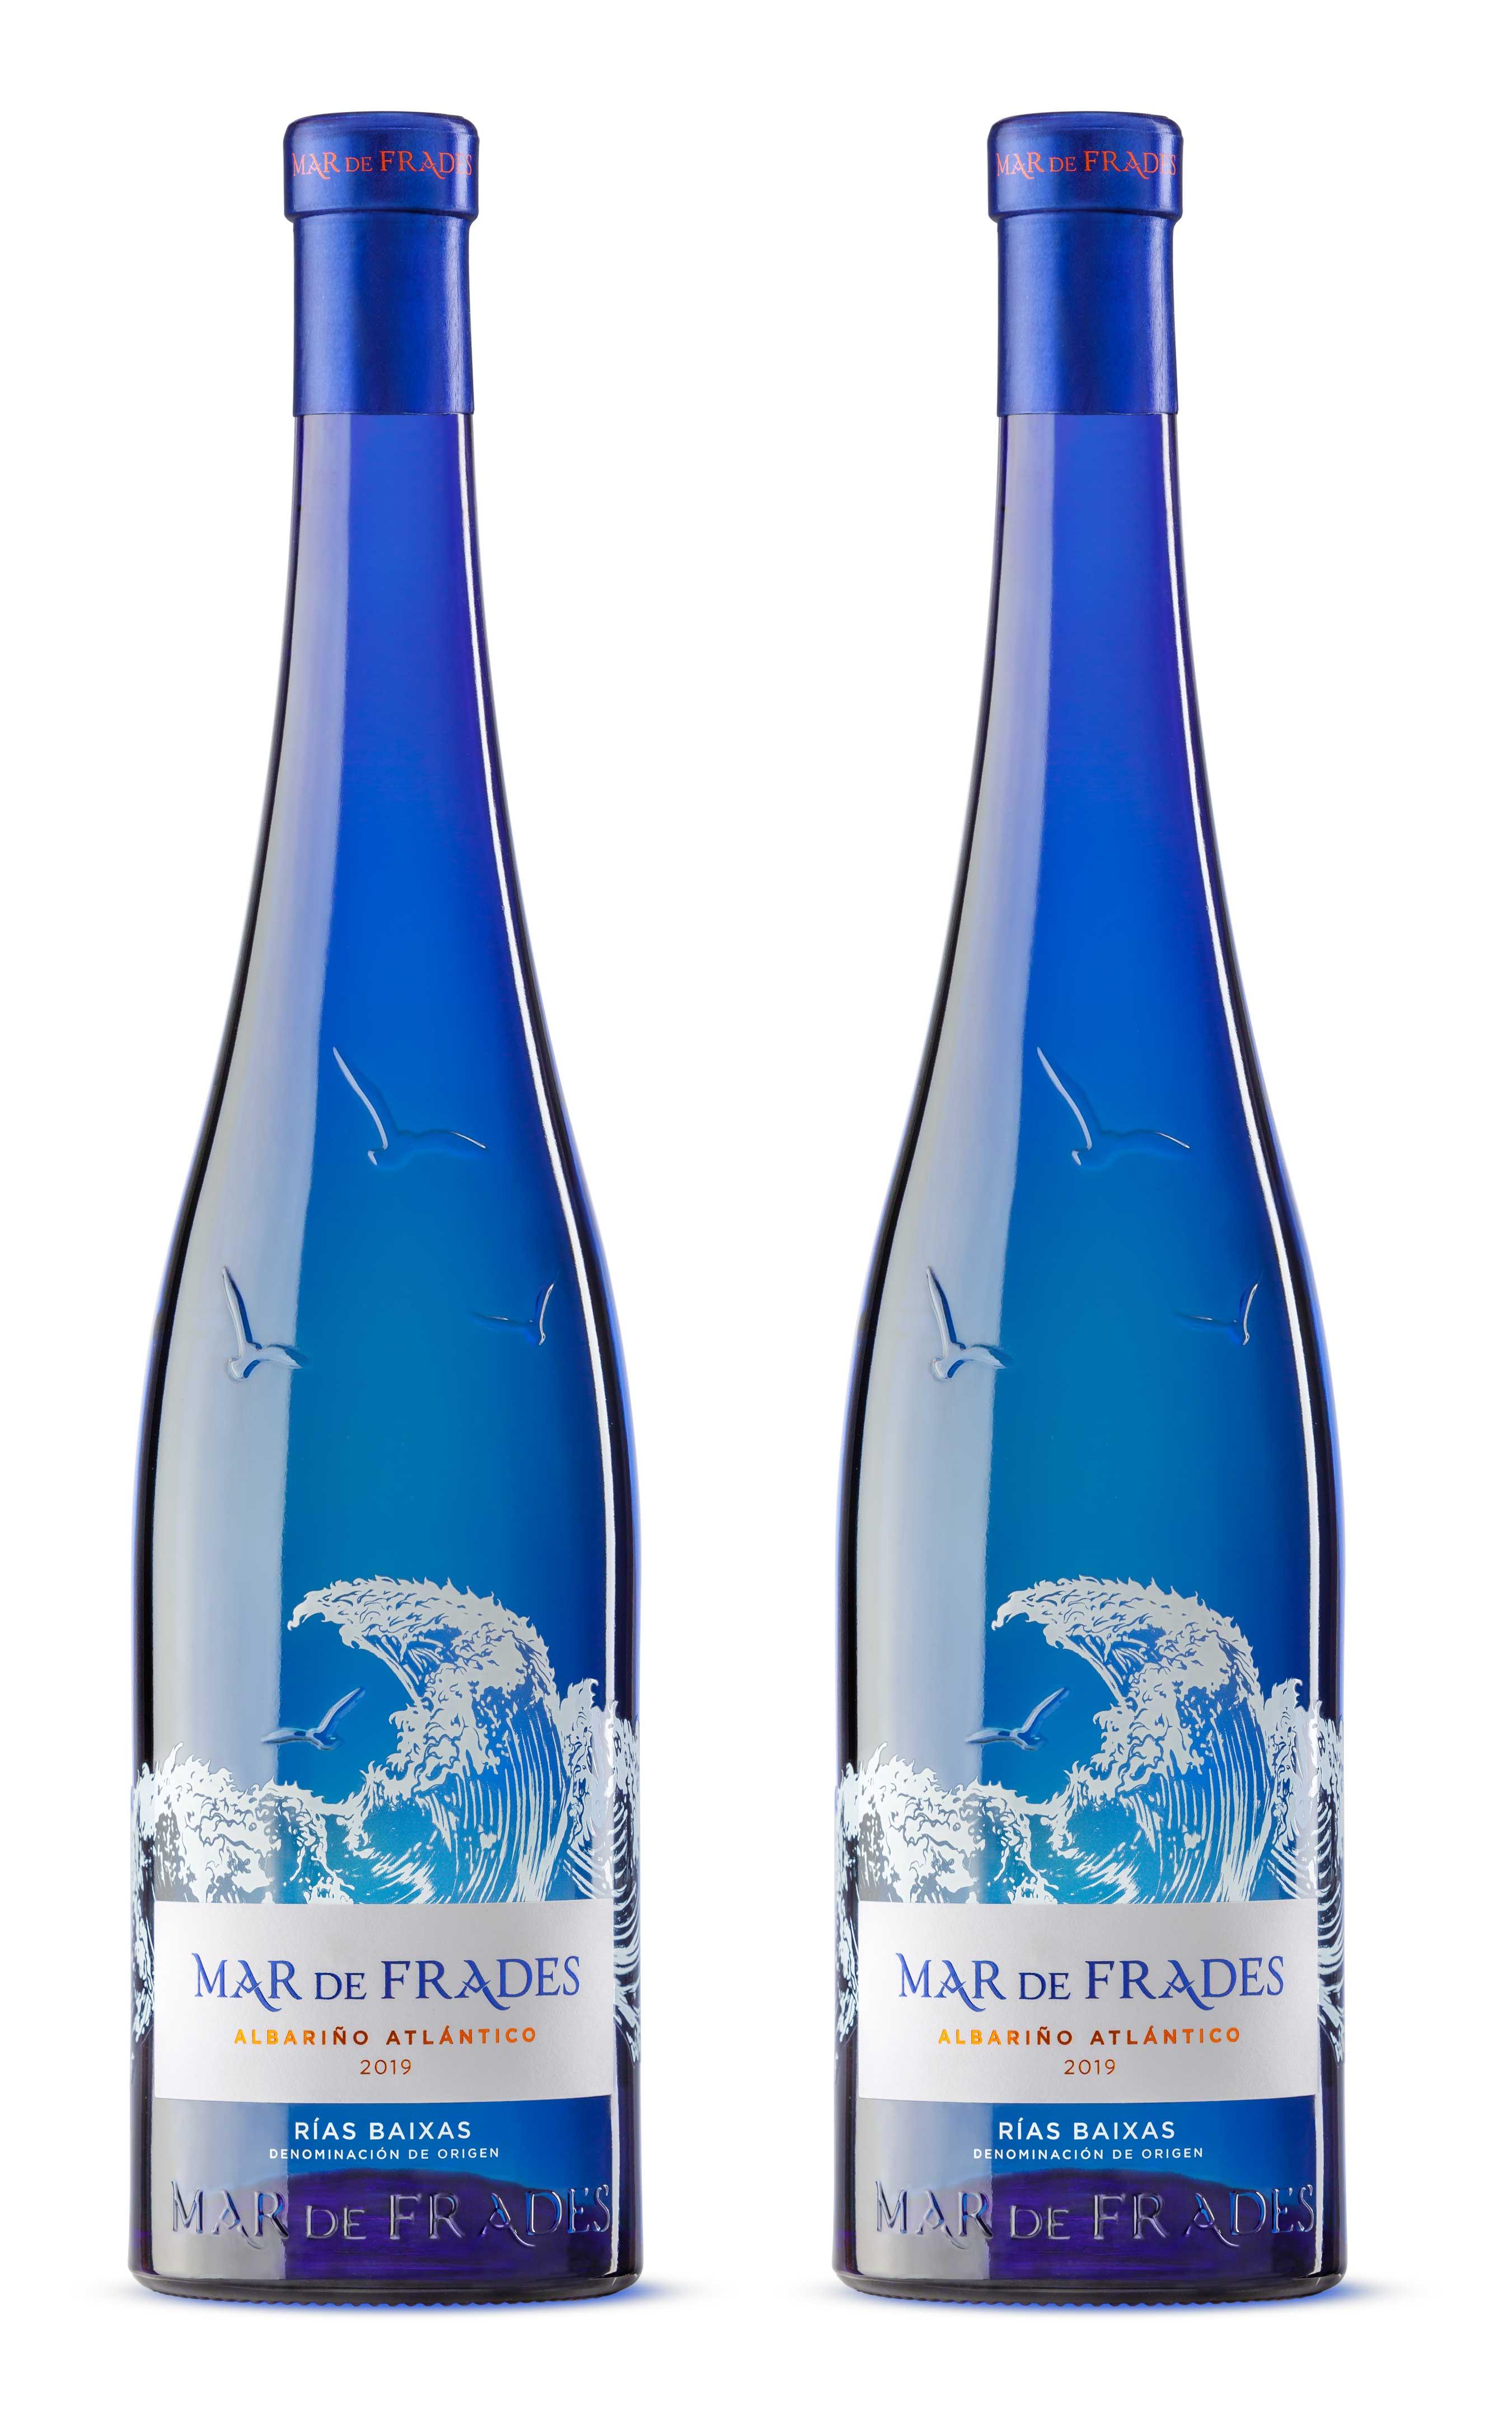 Mar de Frades 2er Set Albarino Atlantico 0,75L (12,5% Vol) 2x Weißwein Trocken Rebsorte: 100% Albarino- [Enthält Sulfite]